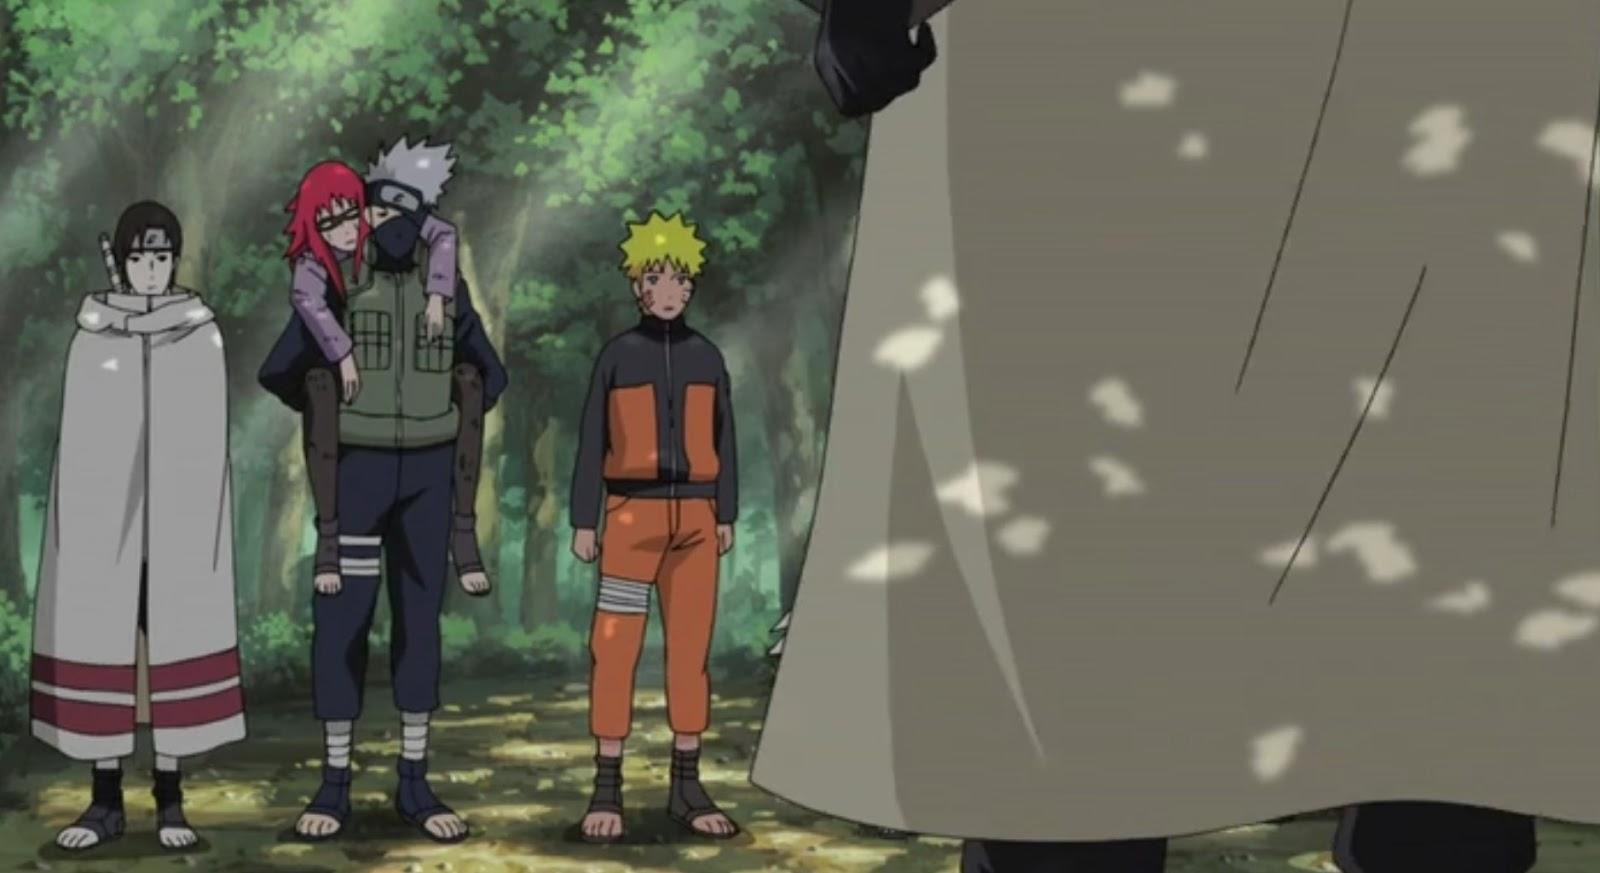 Naruto Shippuden Episódio 217, Assistir Naruto Shippuden Episódio 217, Assistir Naruto Shippuden Todos os Episódios Legendado, Naruto Shippuden episódio 217,HD